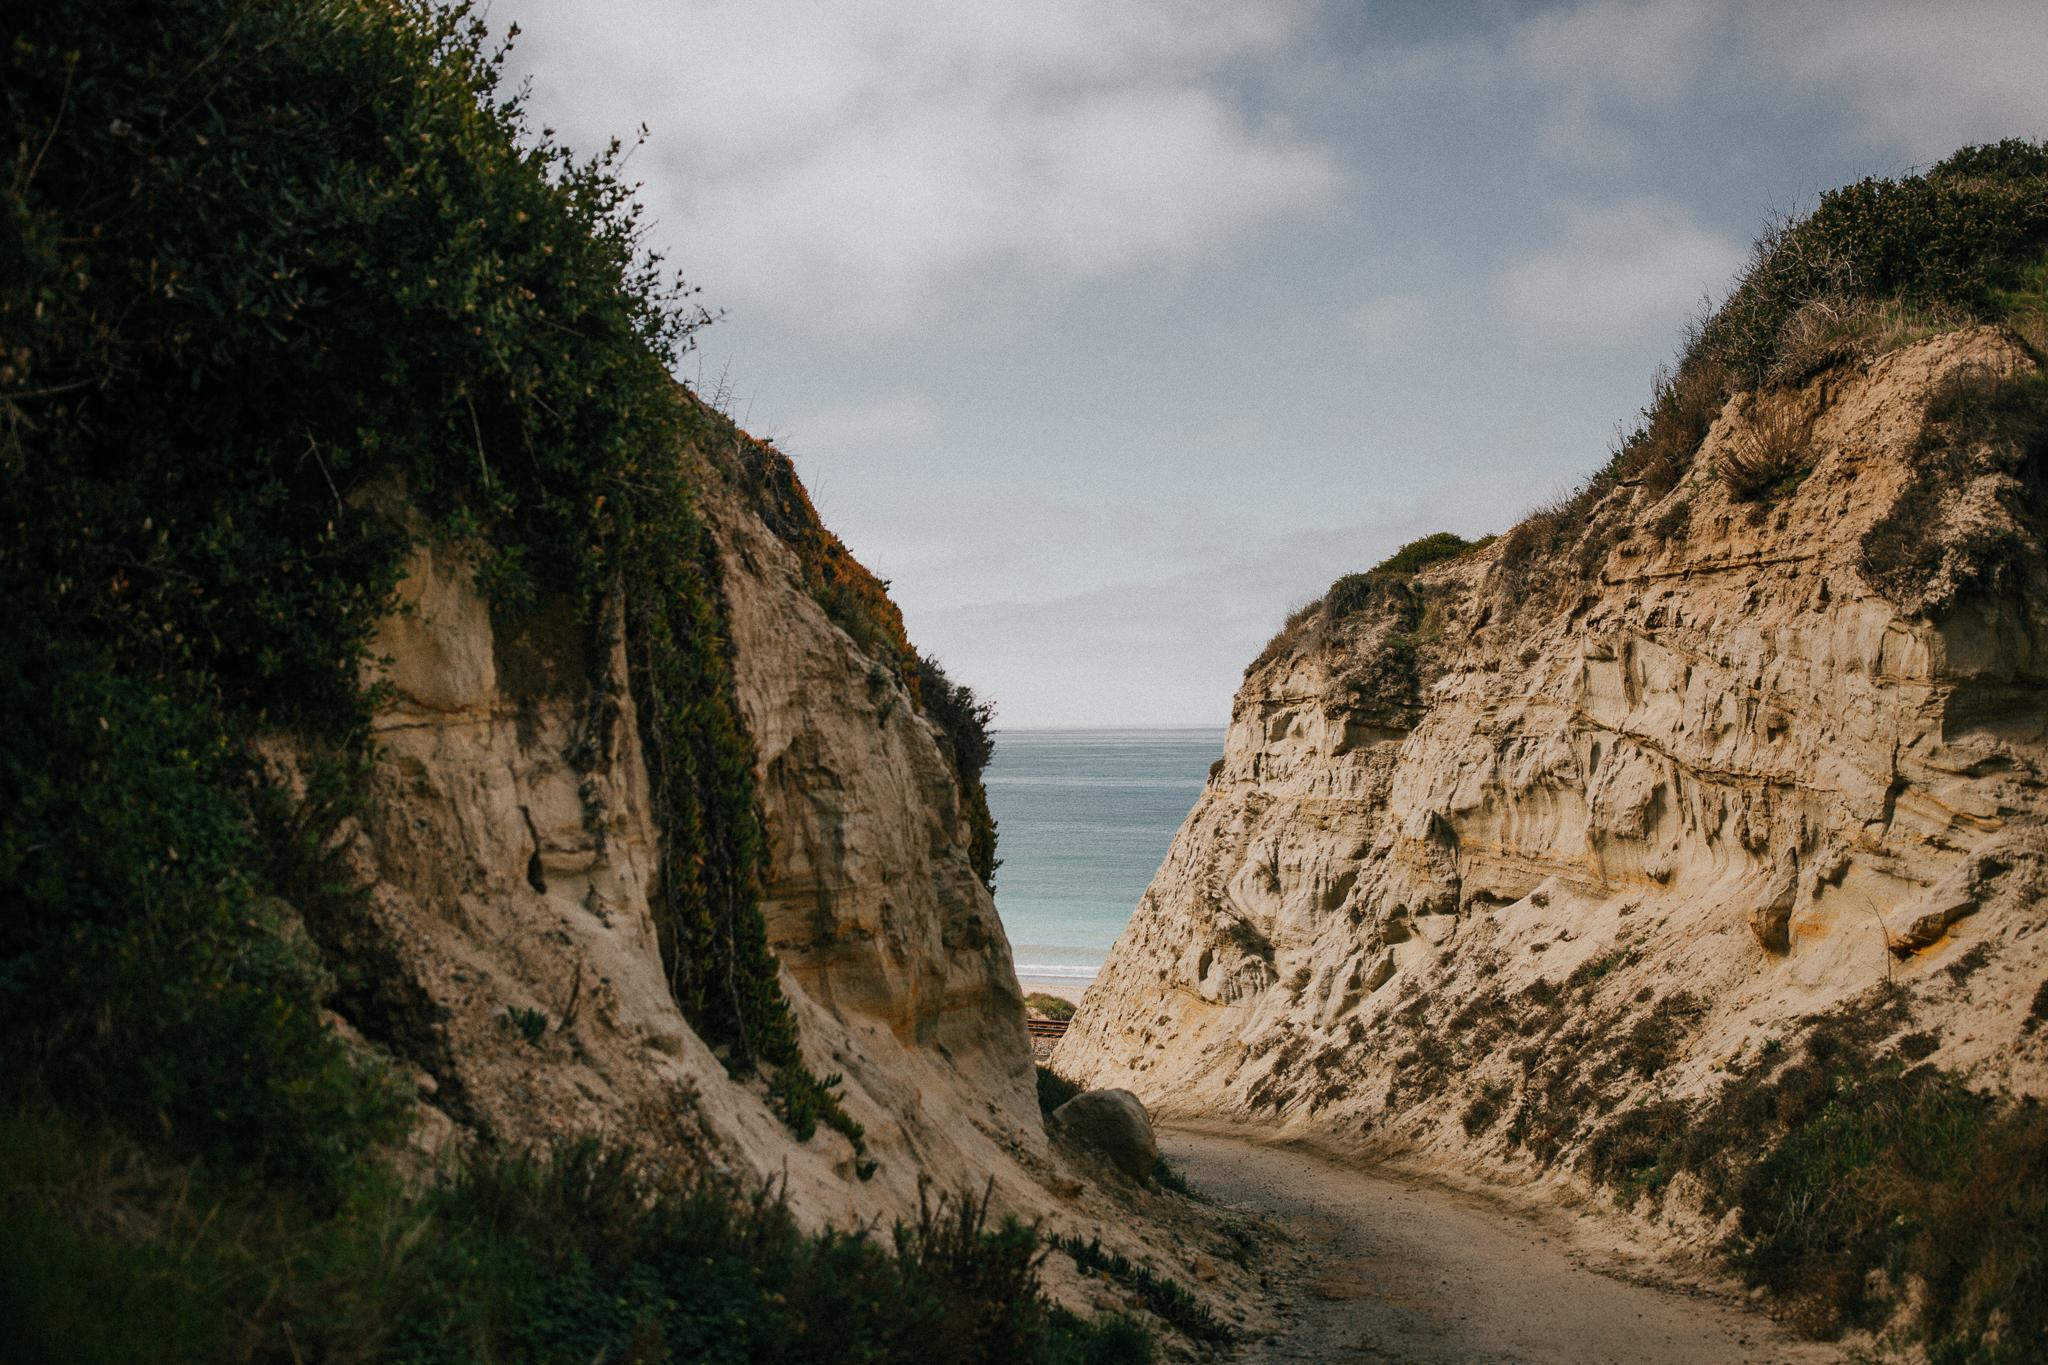 Beach-For Blog-20.jpg